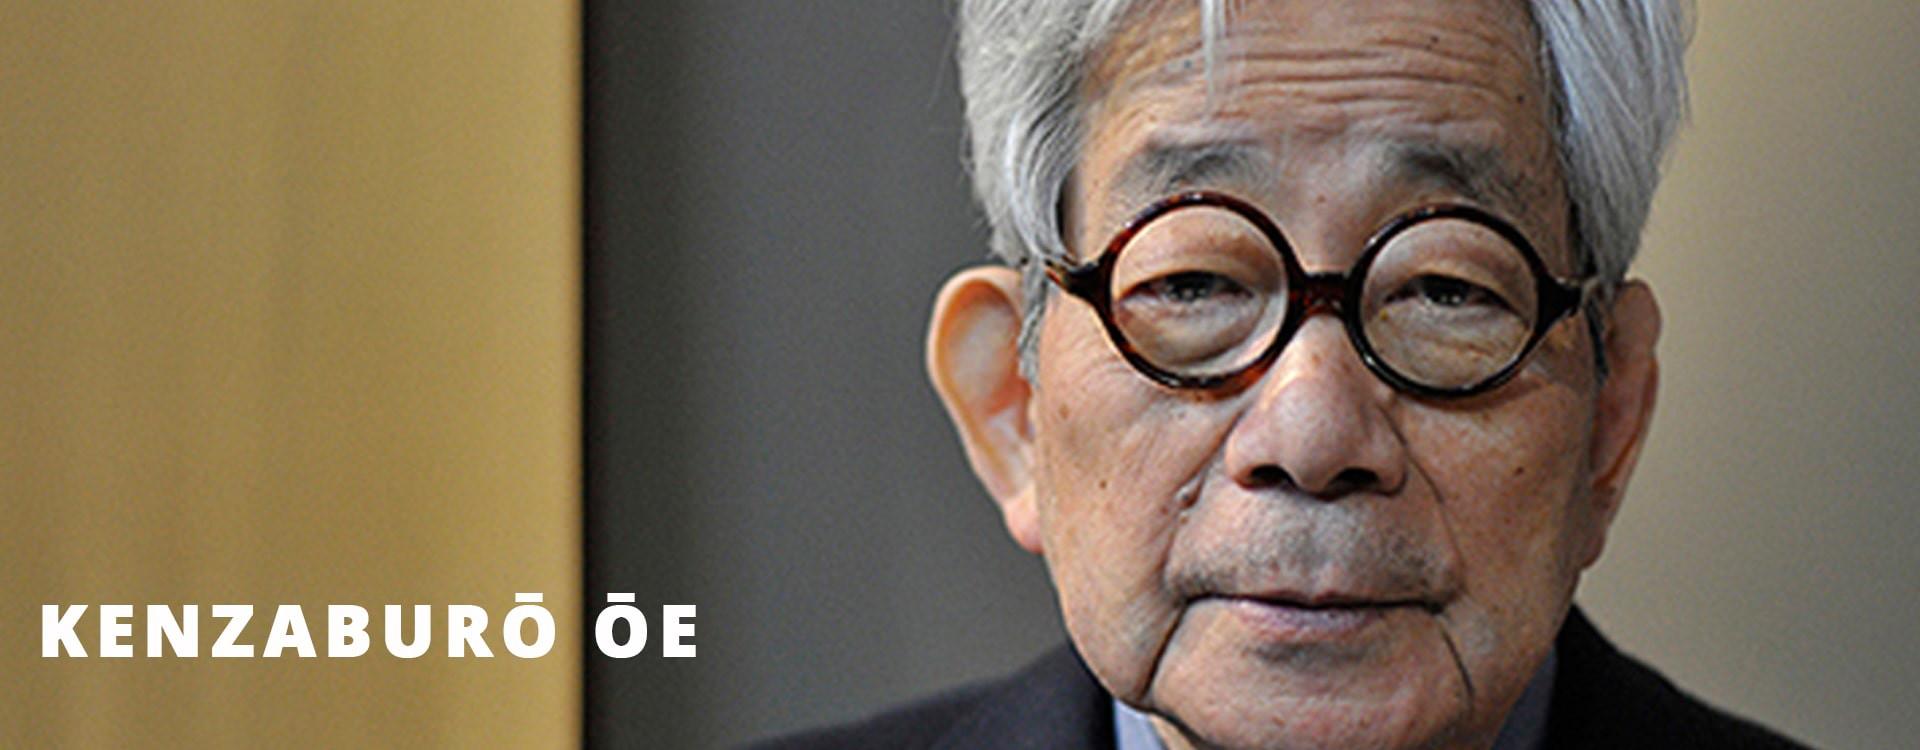 Kenzaburō Ōe, cet auteur engagé